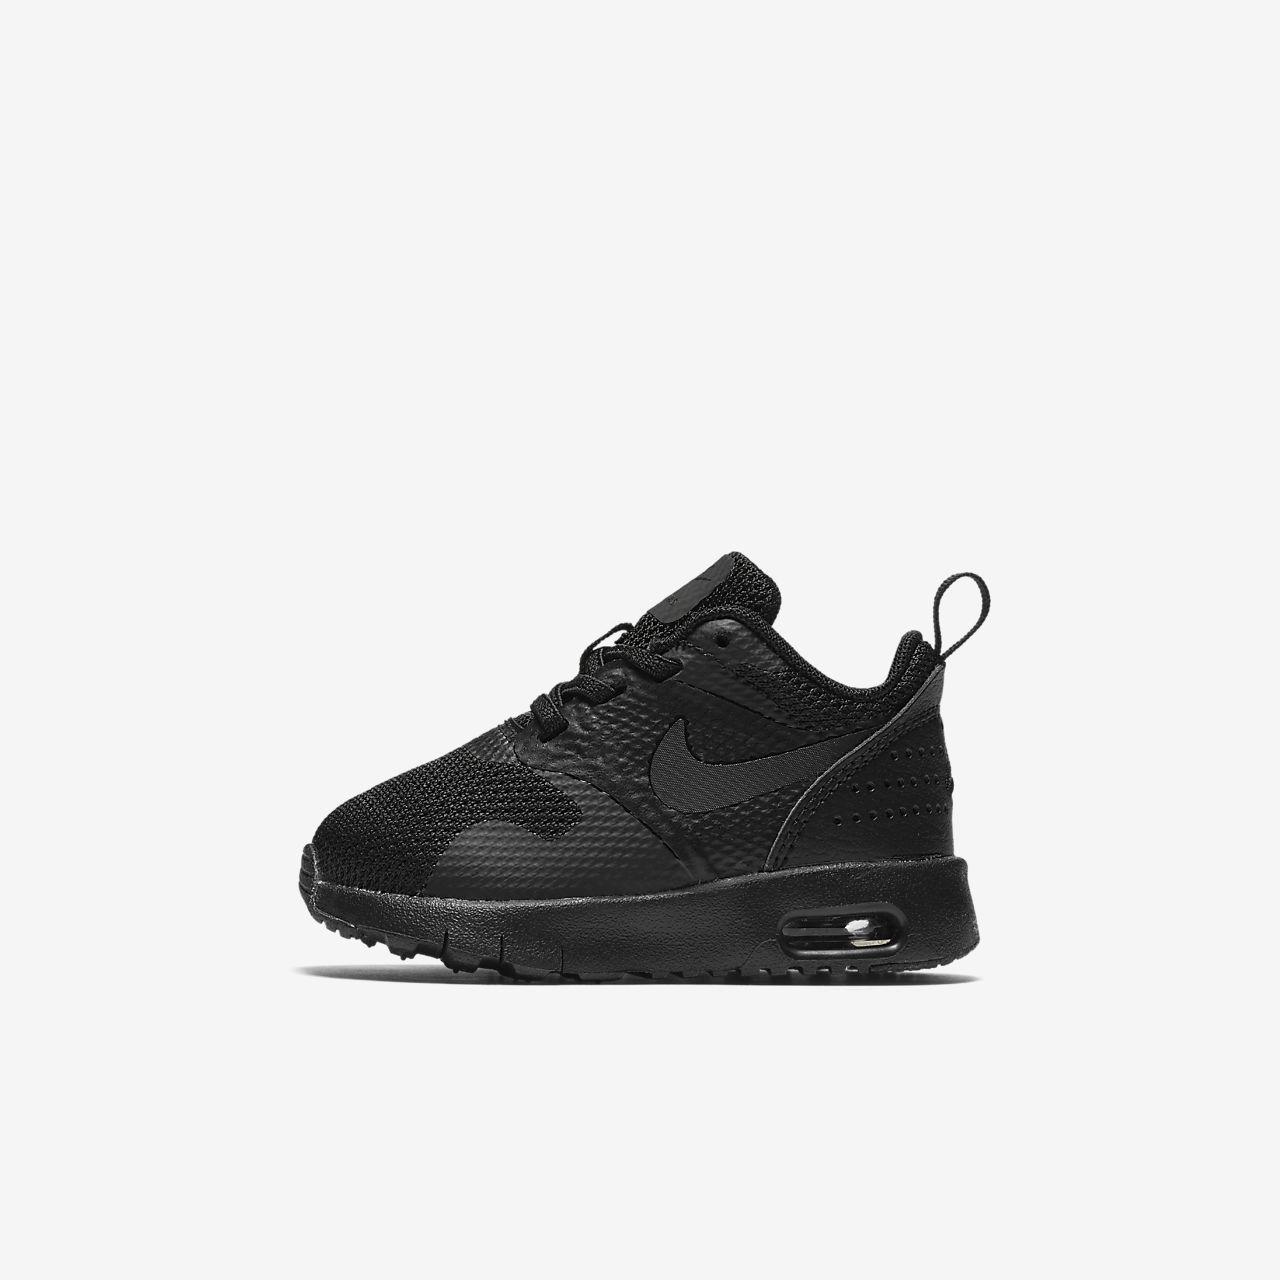 Chaussure Nike Air Max Tavas pour BébéPetit enfant